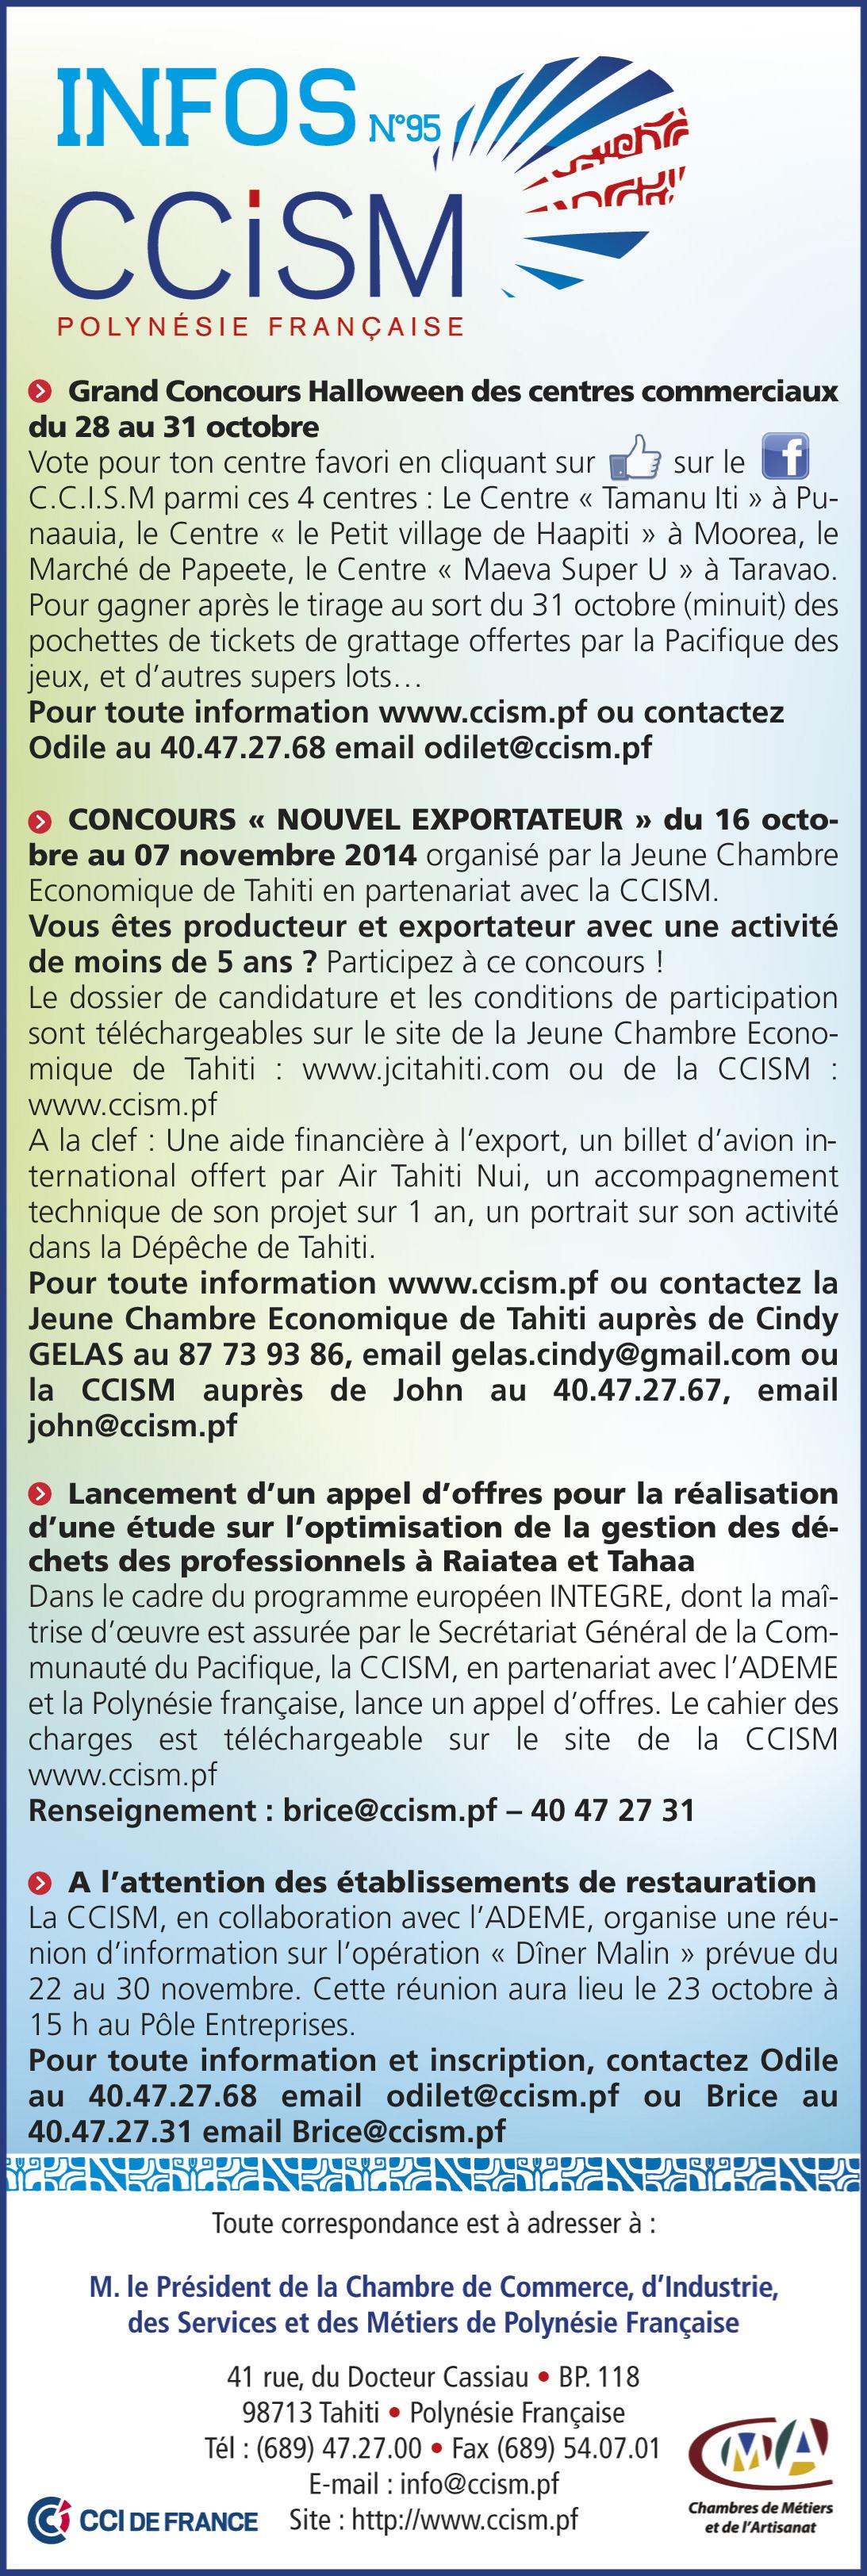 Infos CCISM N°95